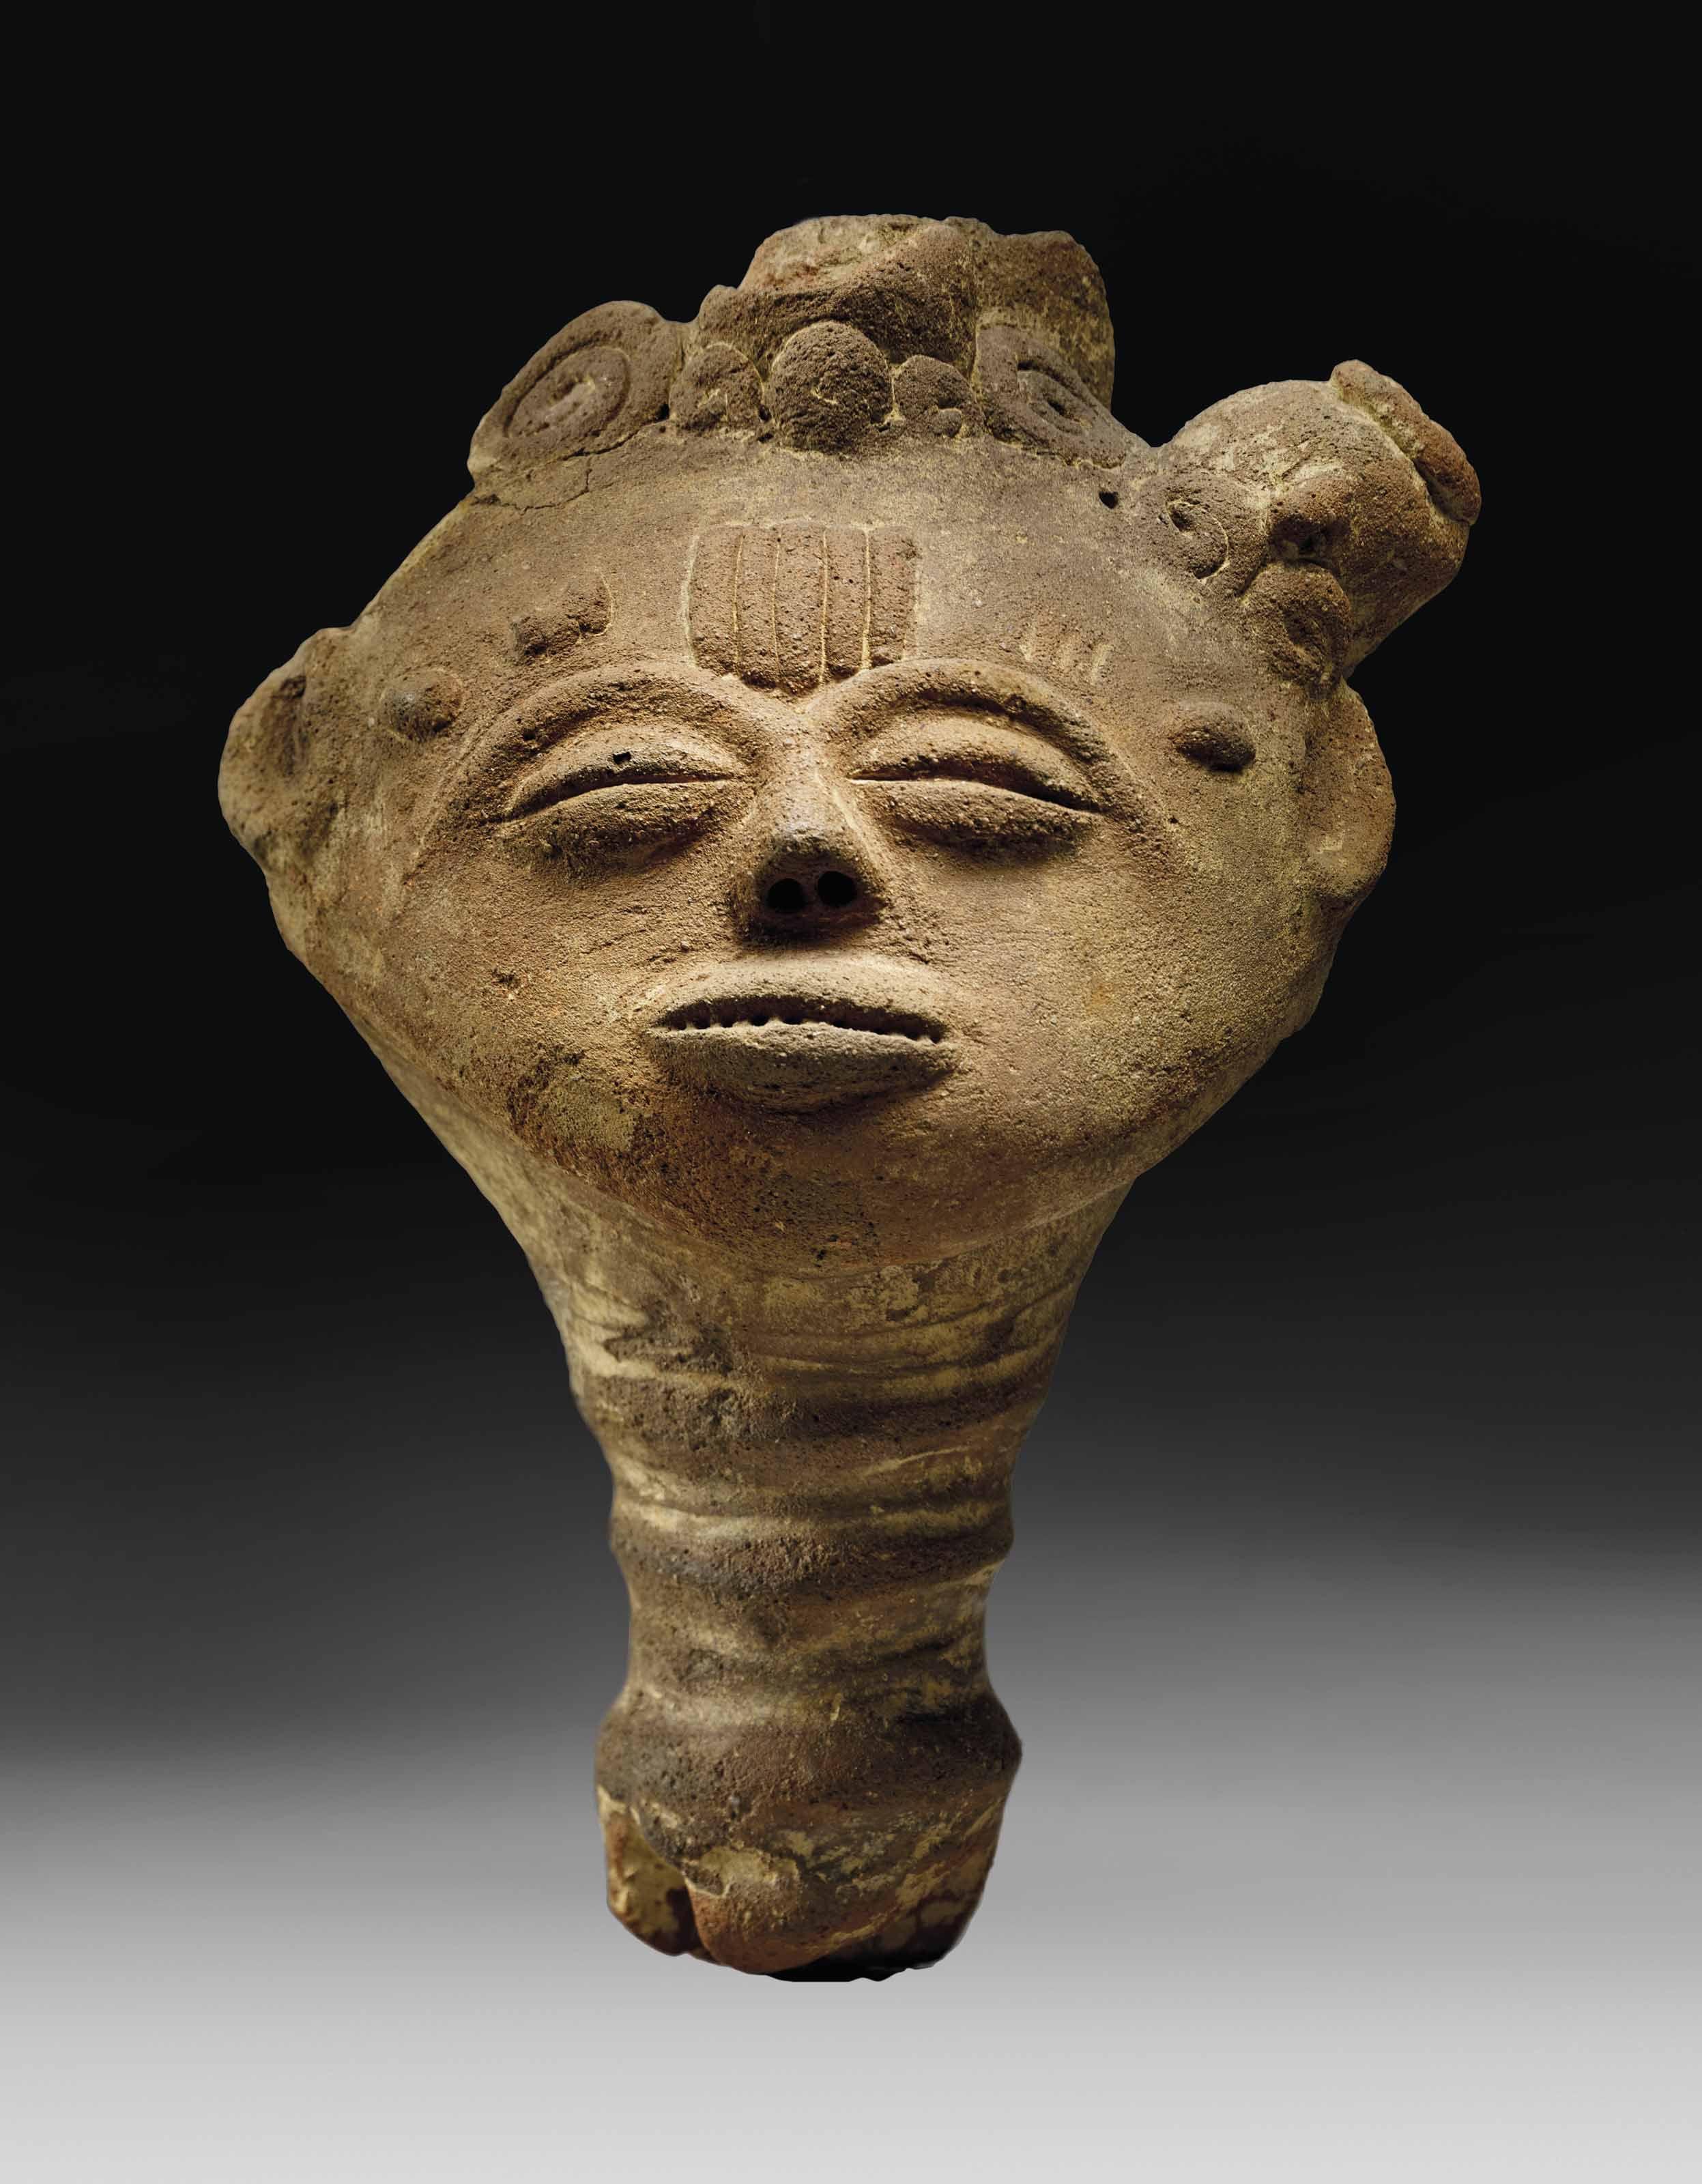 Tete Commemorative D Ancetre Akan Region Twifo Ville D Hemang Nsodie An Akan Commemorative Head Of An Ancest Ceramic Art Sculpture African Art Sculpture Art